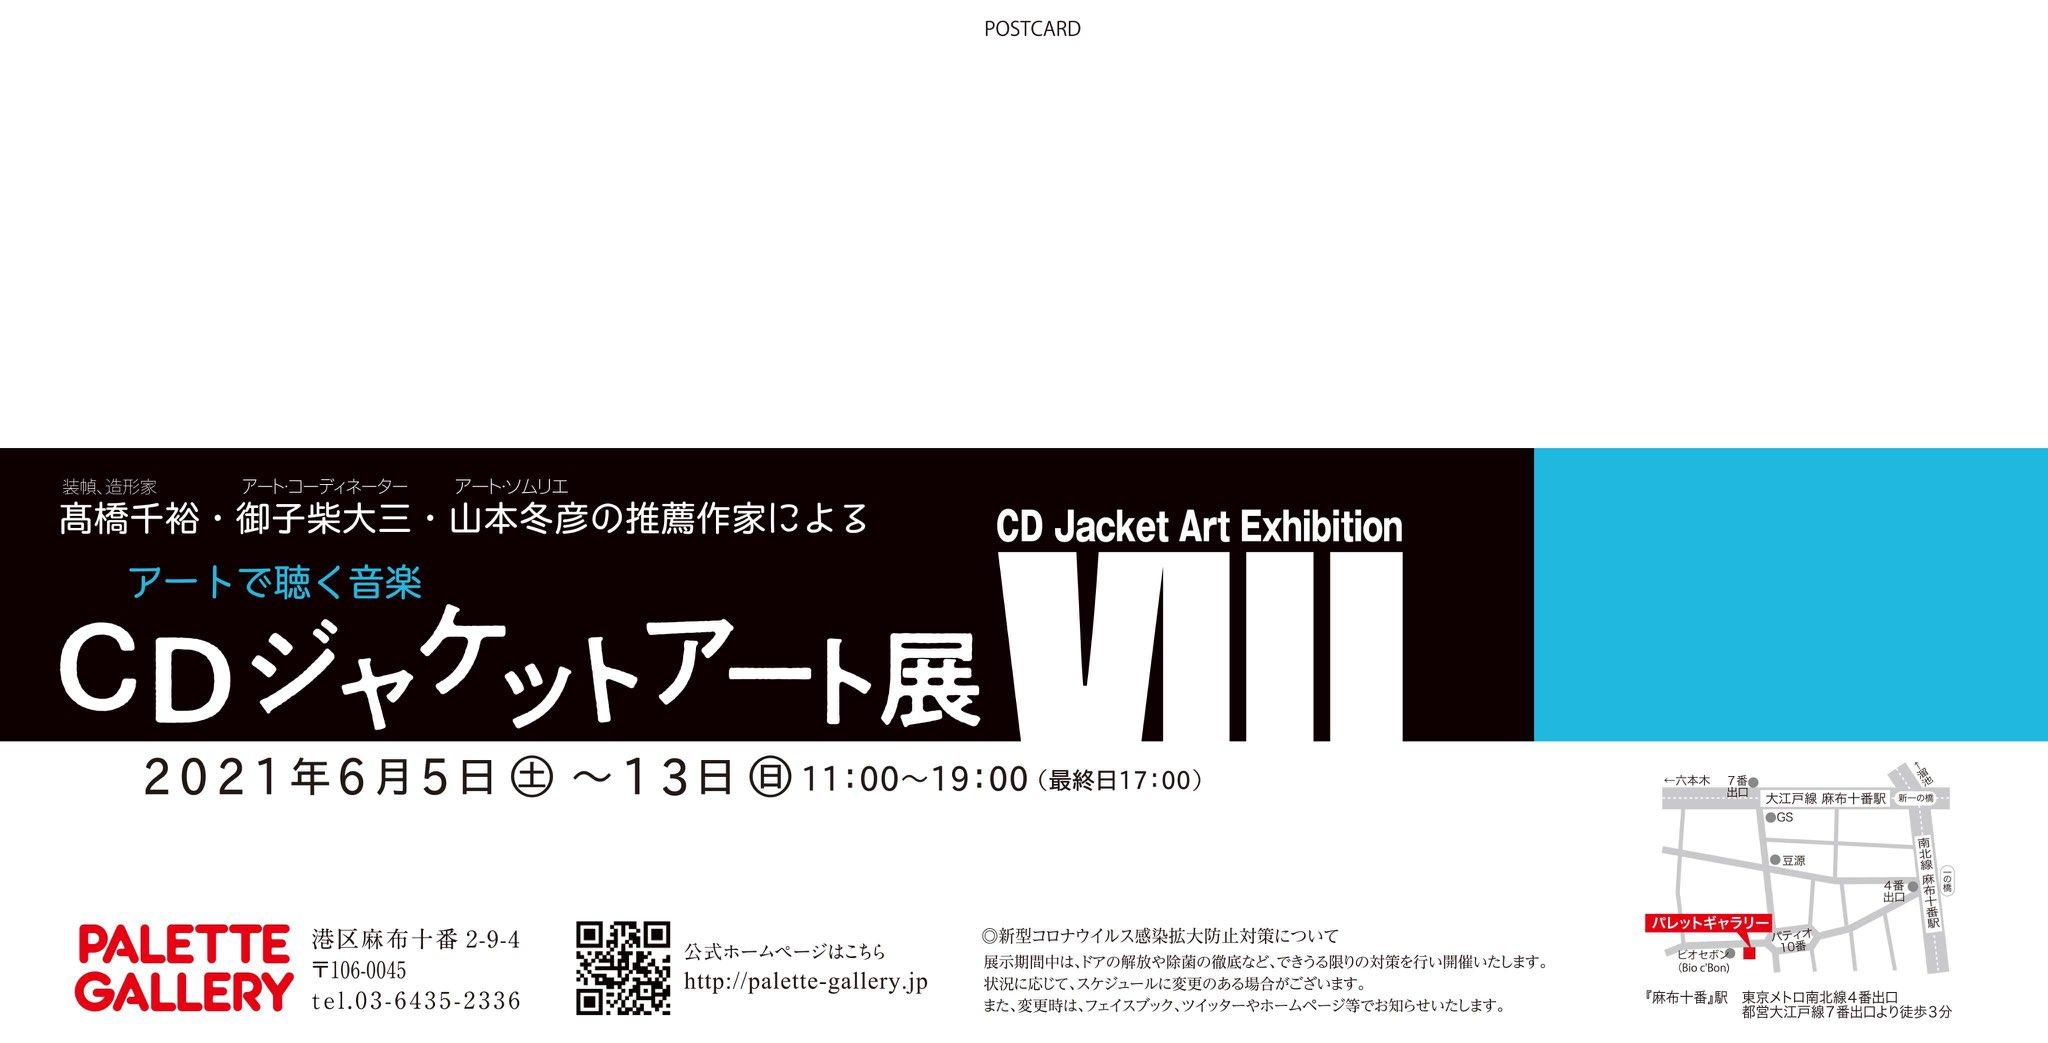 CDジャケットアート展Ⅶの画像2